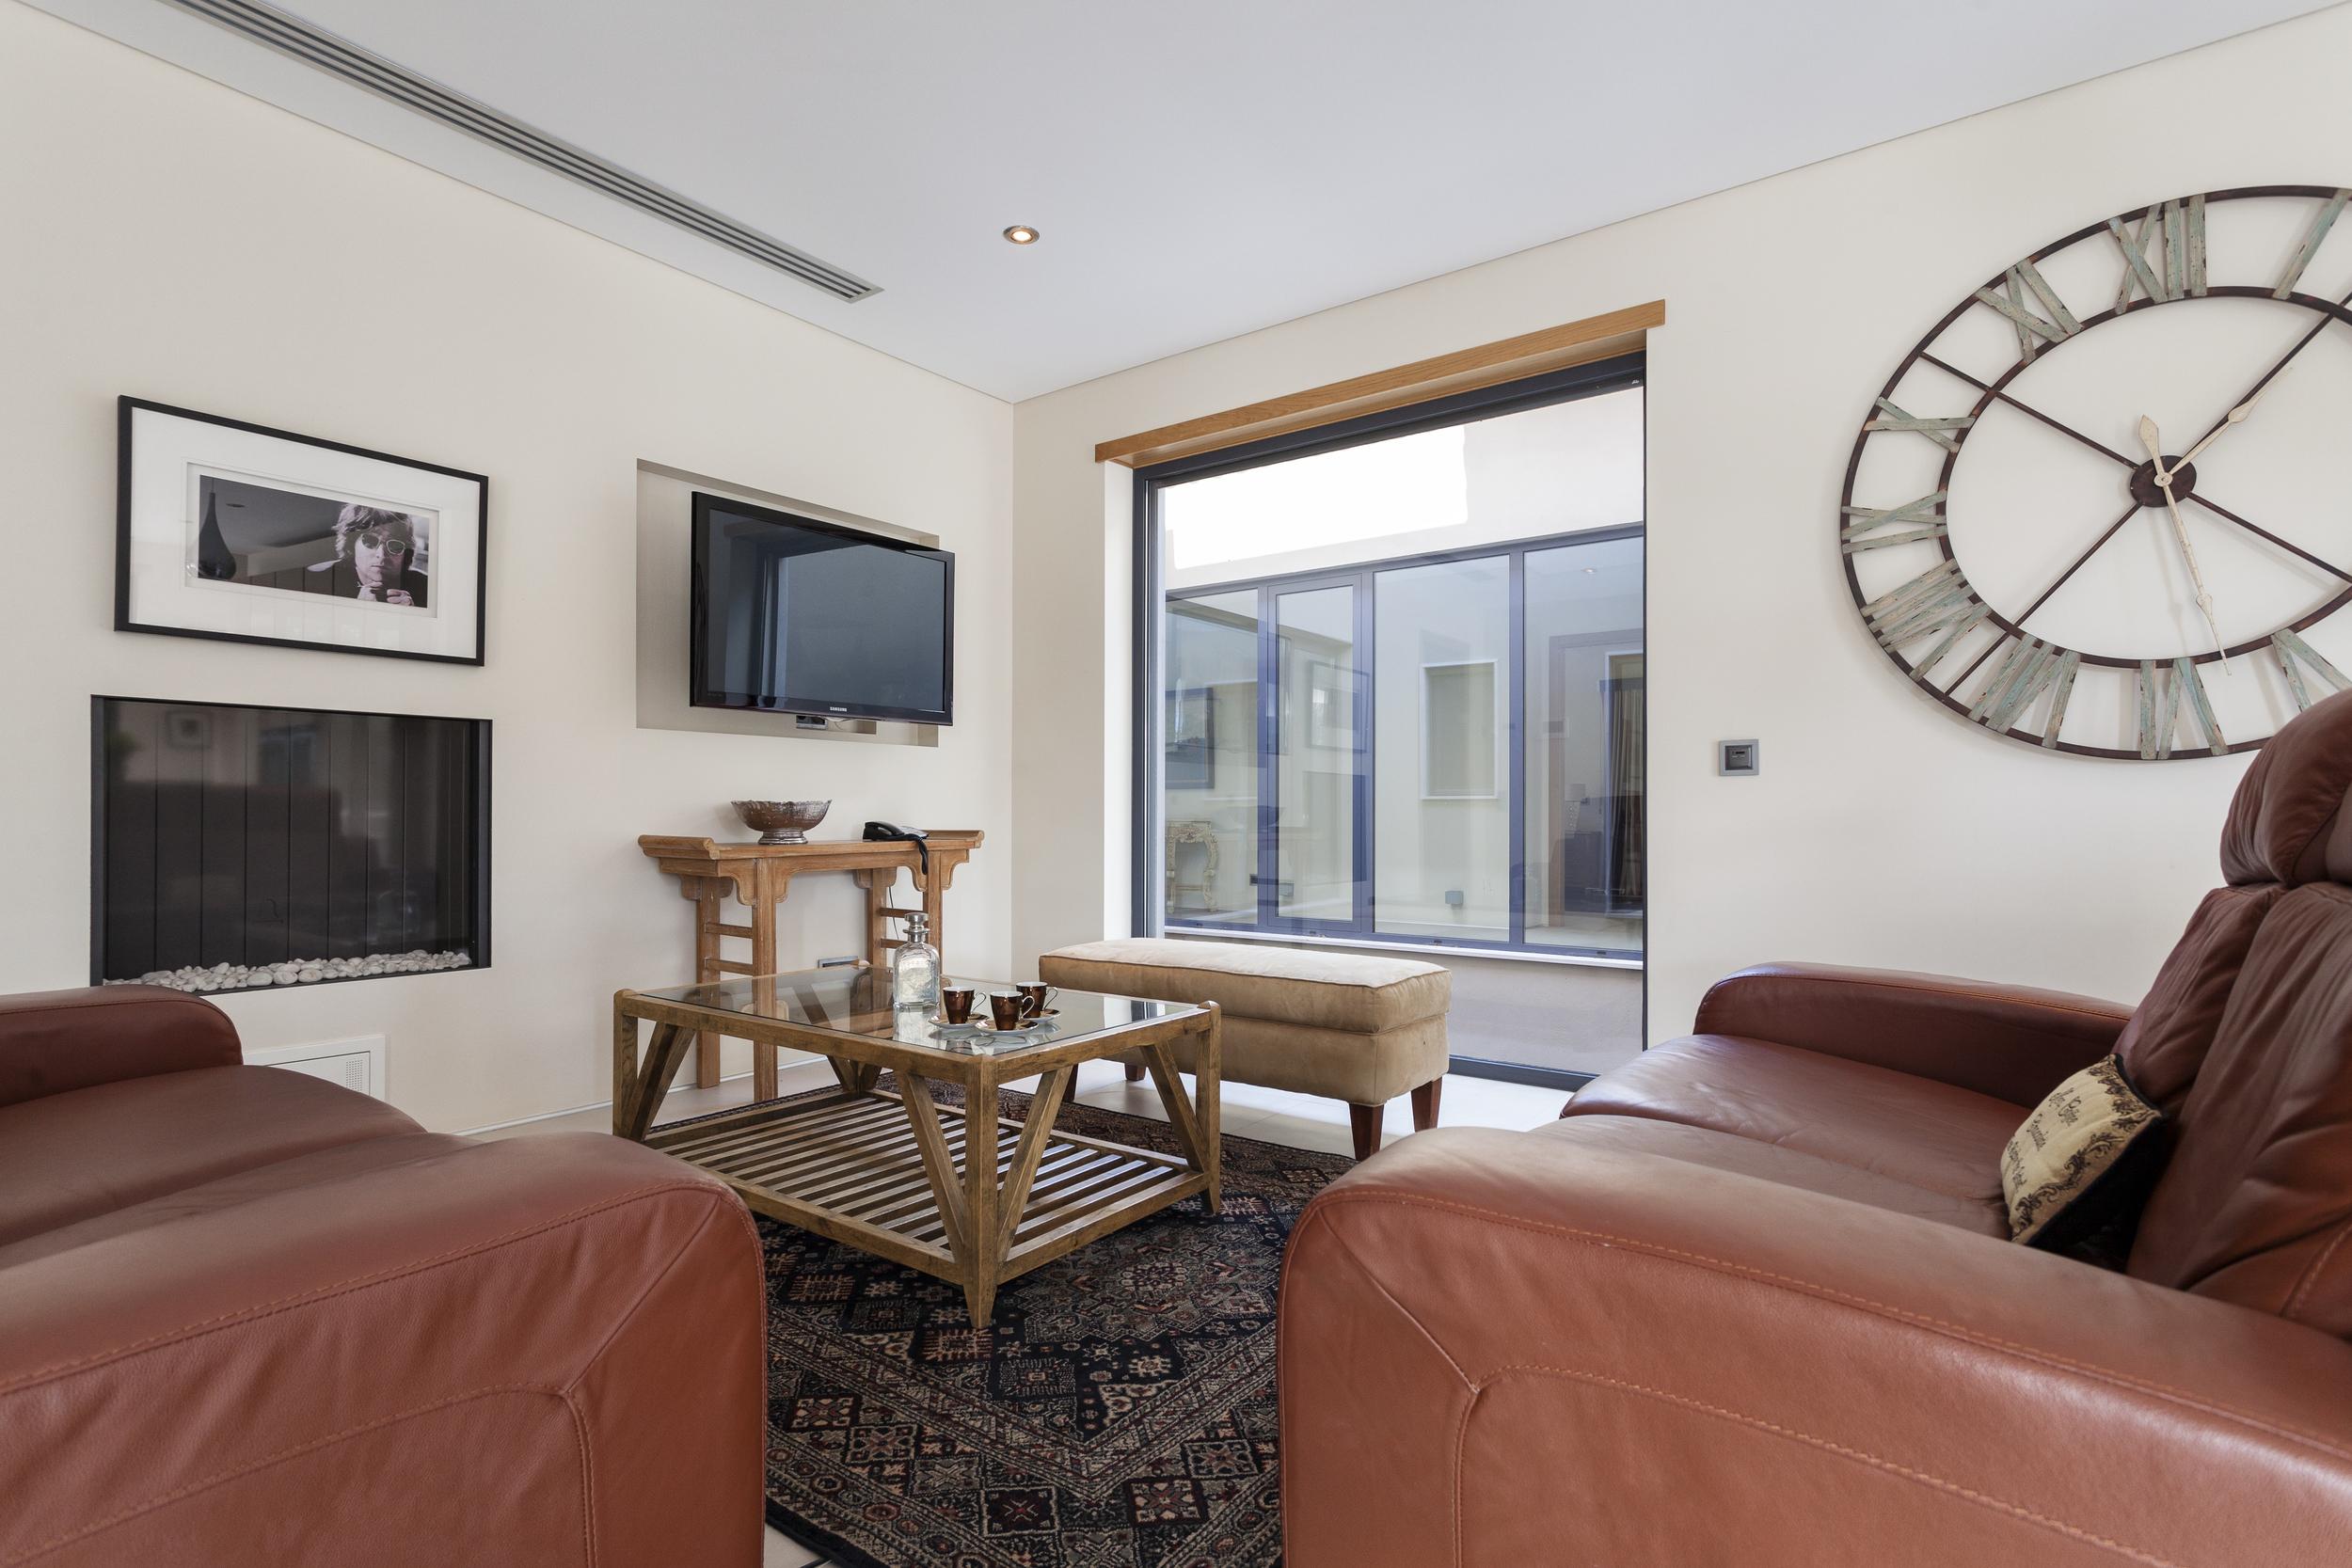 4 bedroom villa to rent in Quinta do Lago, RLV, Villa Serpentine,32.jpg